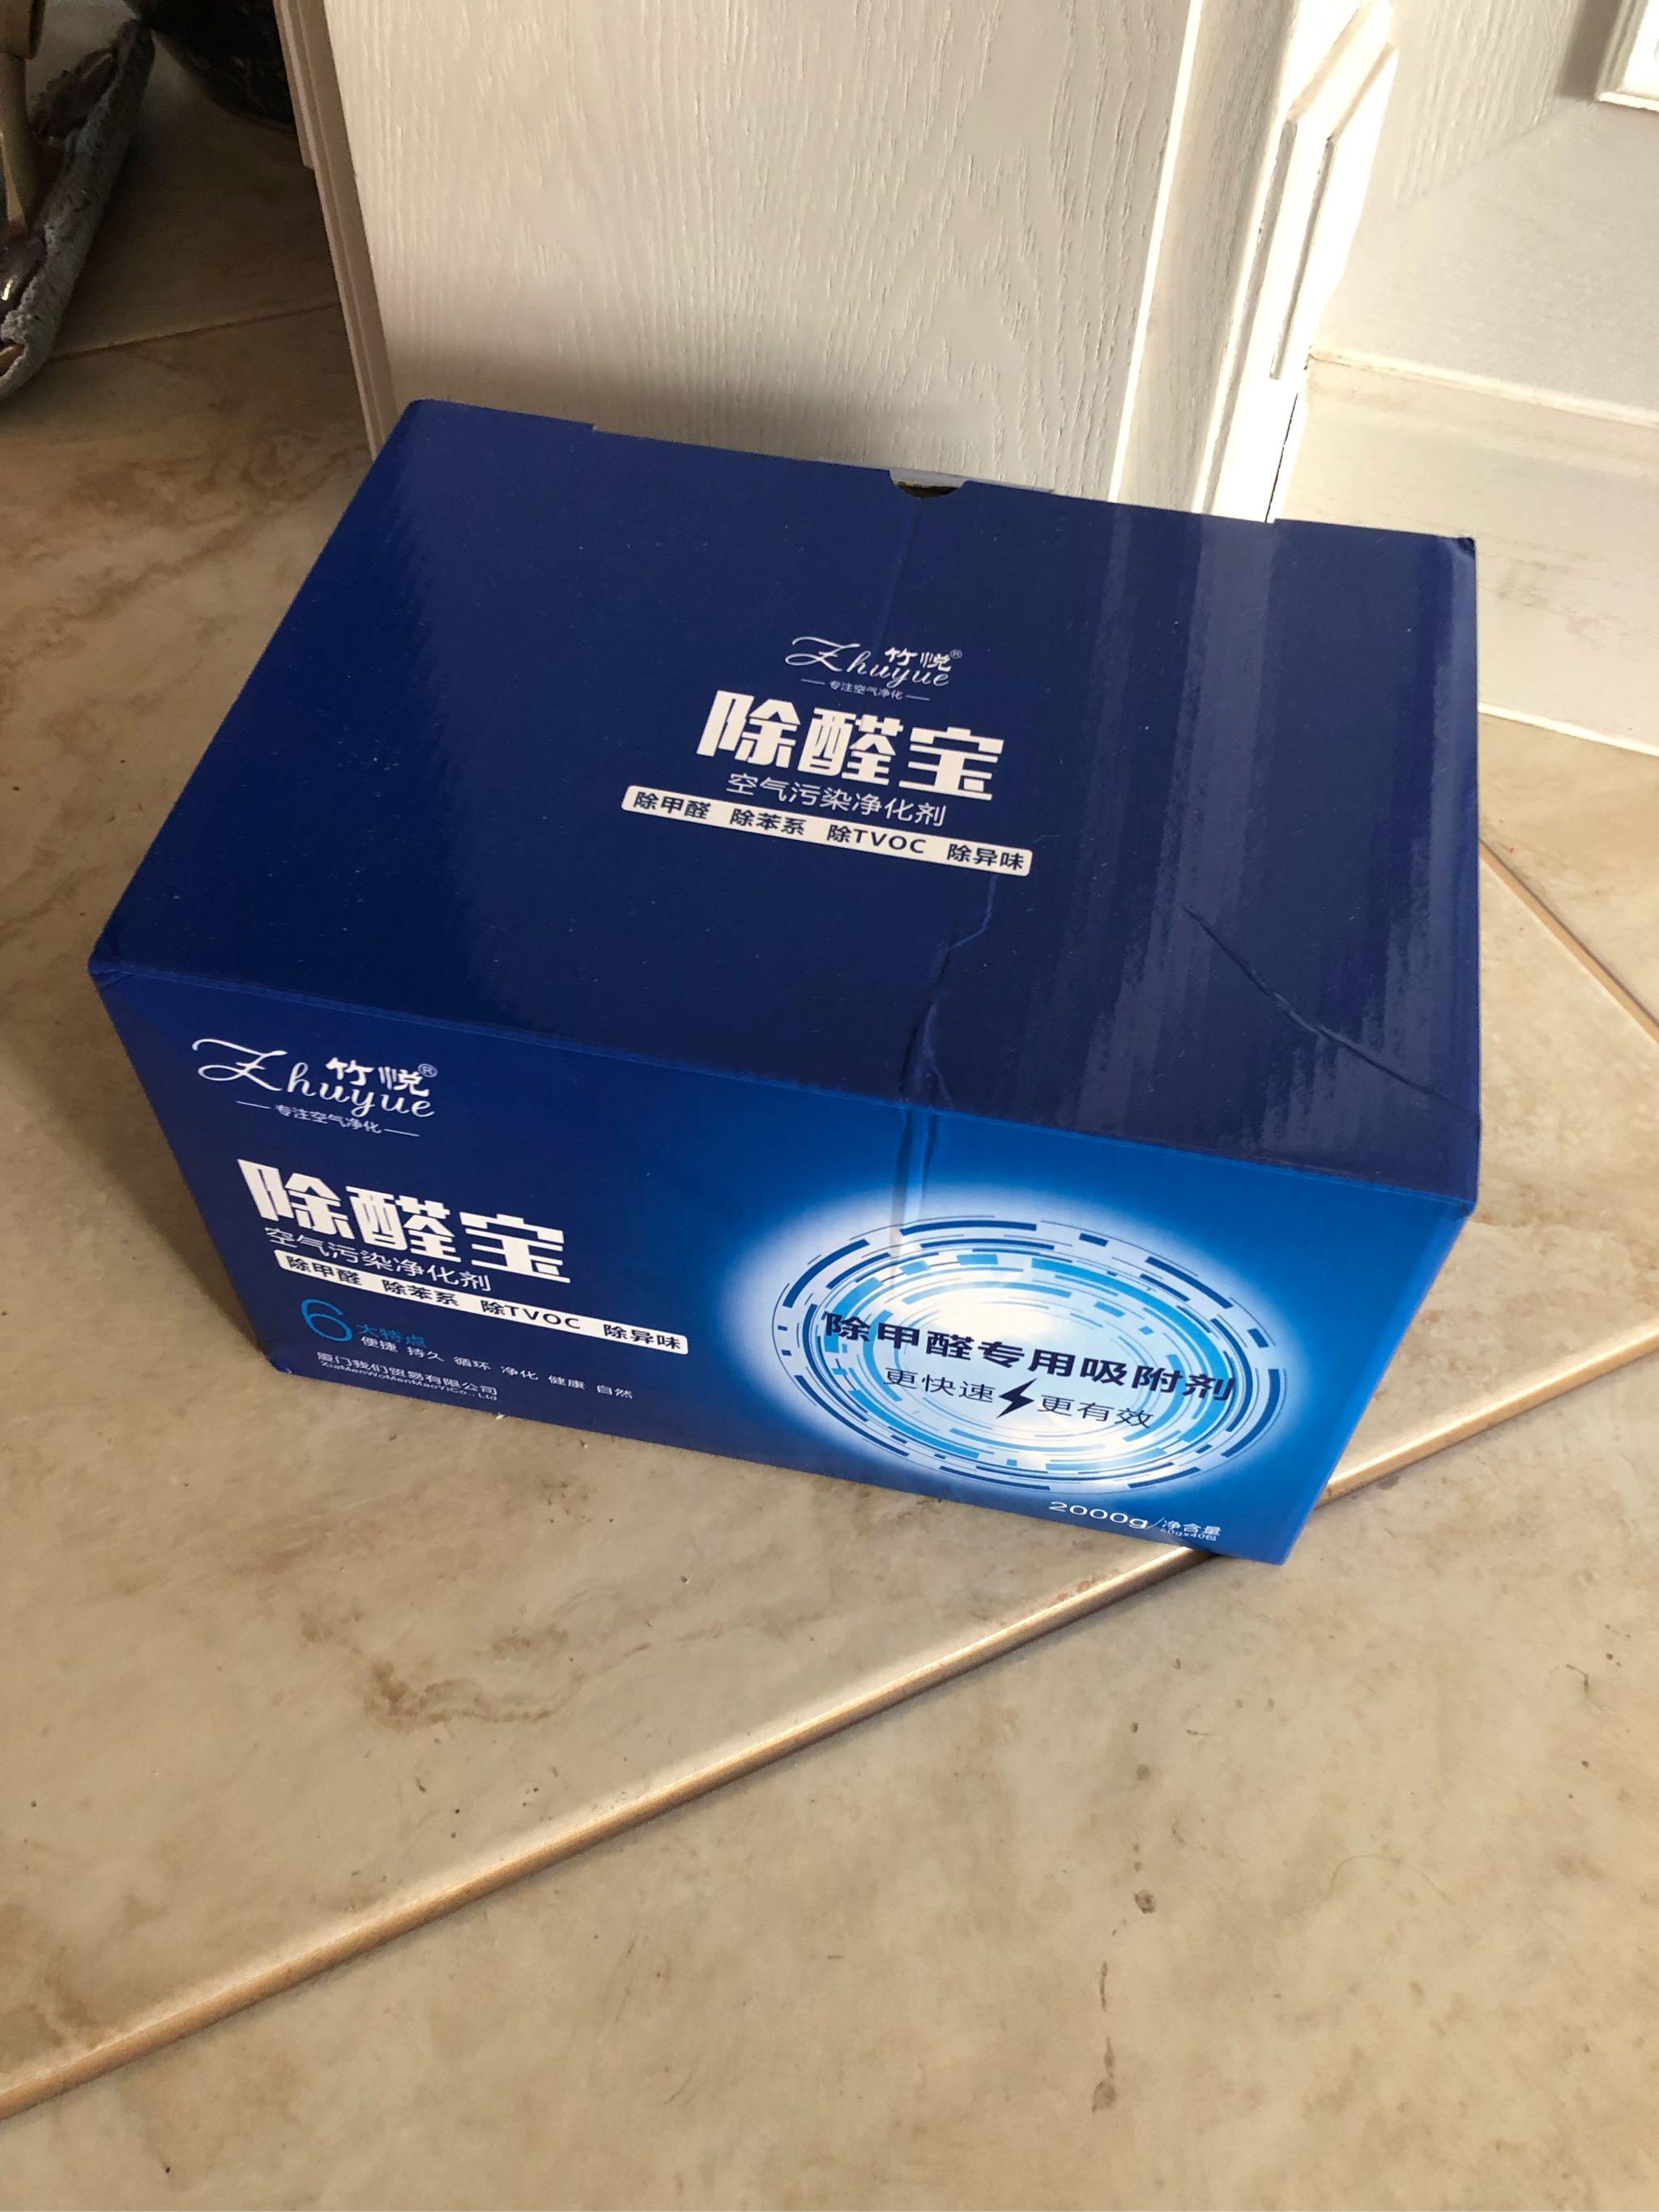 竹悦除醛宝还送了甲醛检测盒,除甲醛测甲醛都好方便